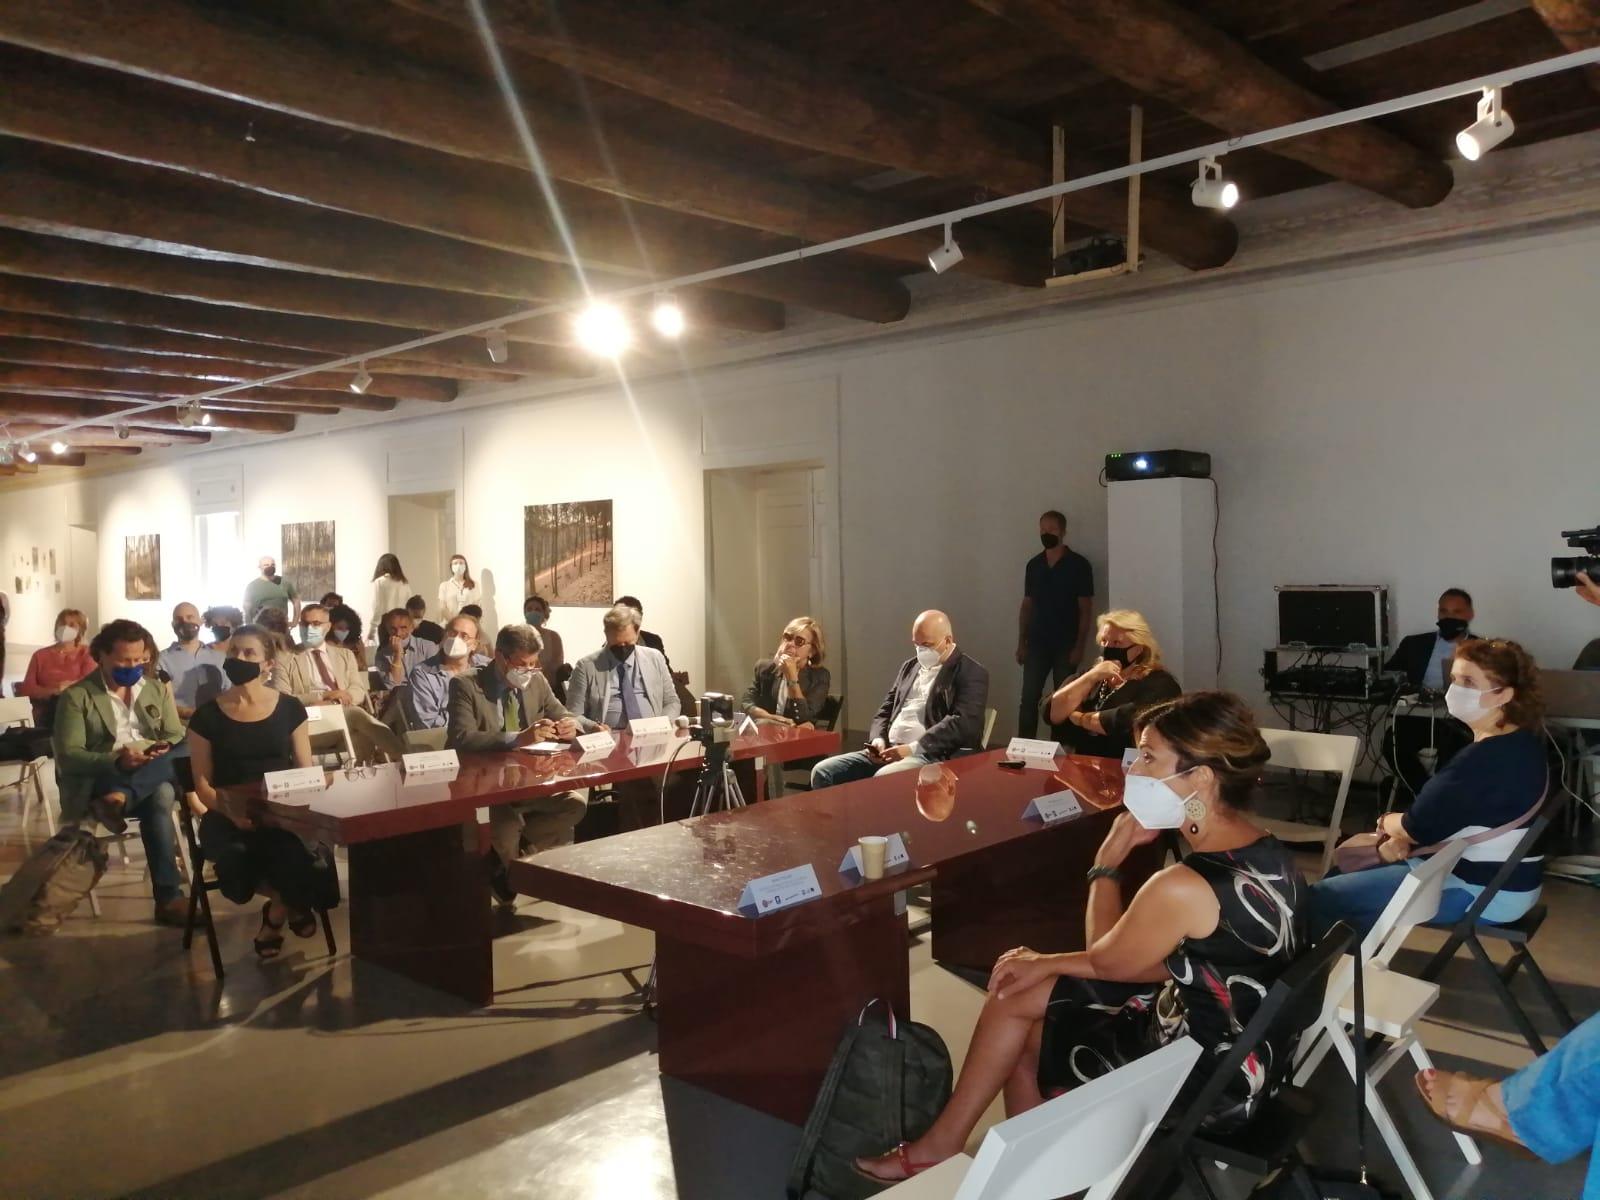 %name NAPOLI CAPITALE DELLA COMUNITÀ INTERNAZIONALE PER LA DIDATTICA E LA FRUIZIONE DELL'ARTE